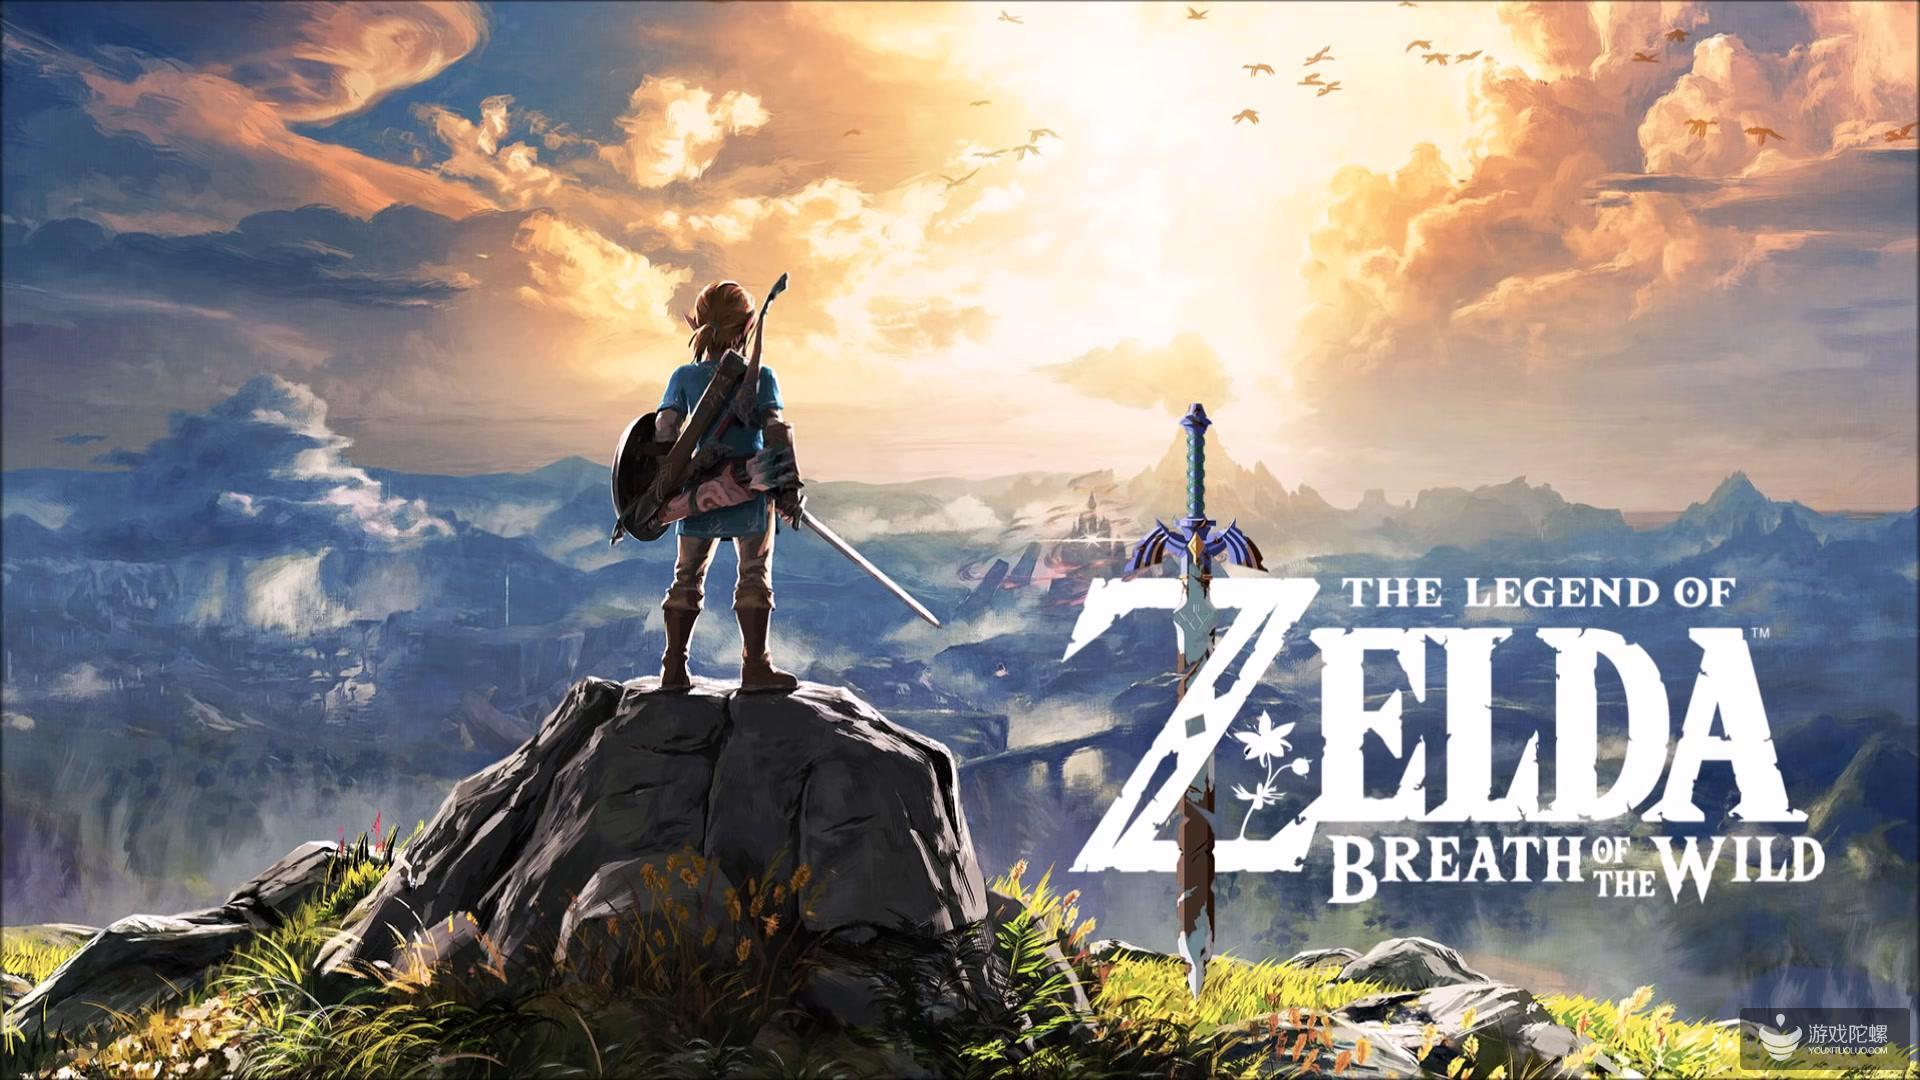 塞尔达传说荒野之息中文版发售日确定 2018年2月1日发售